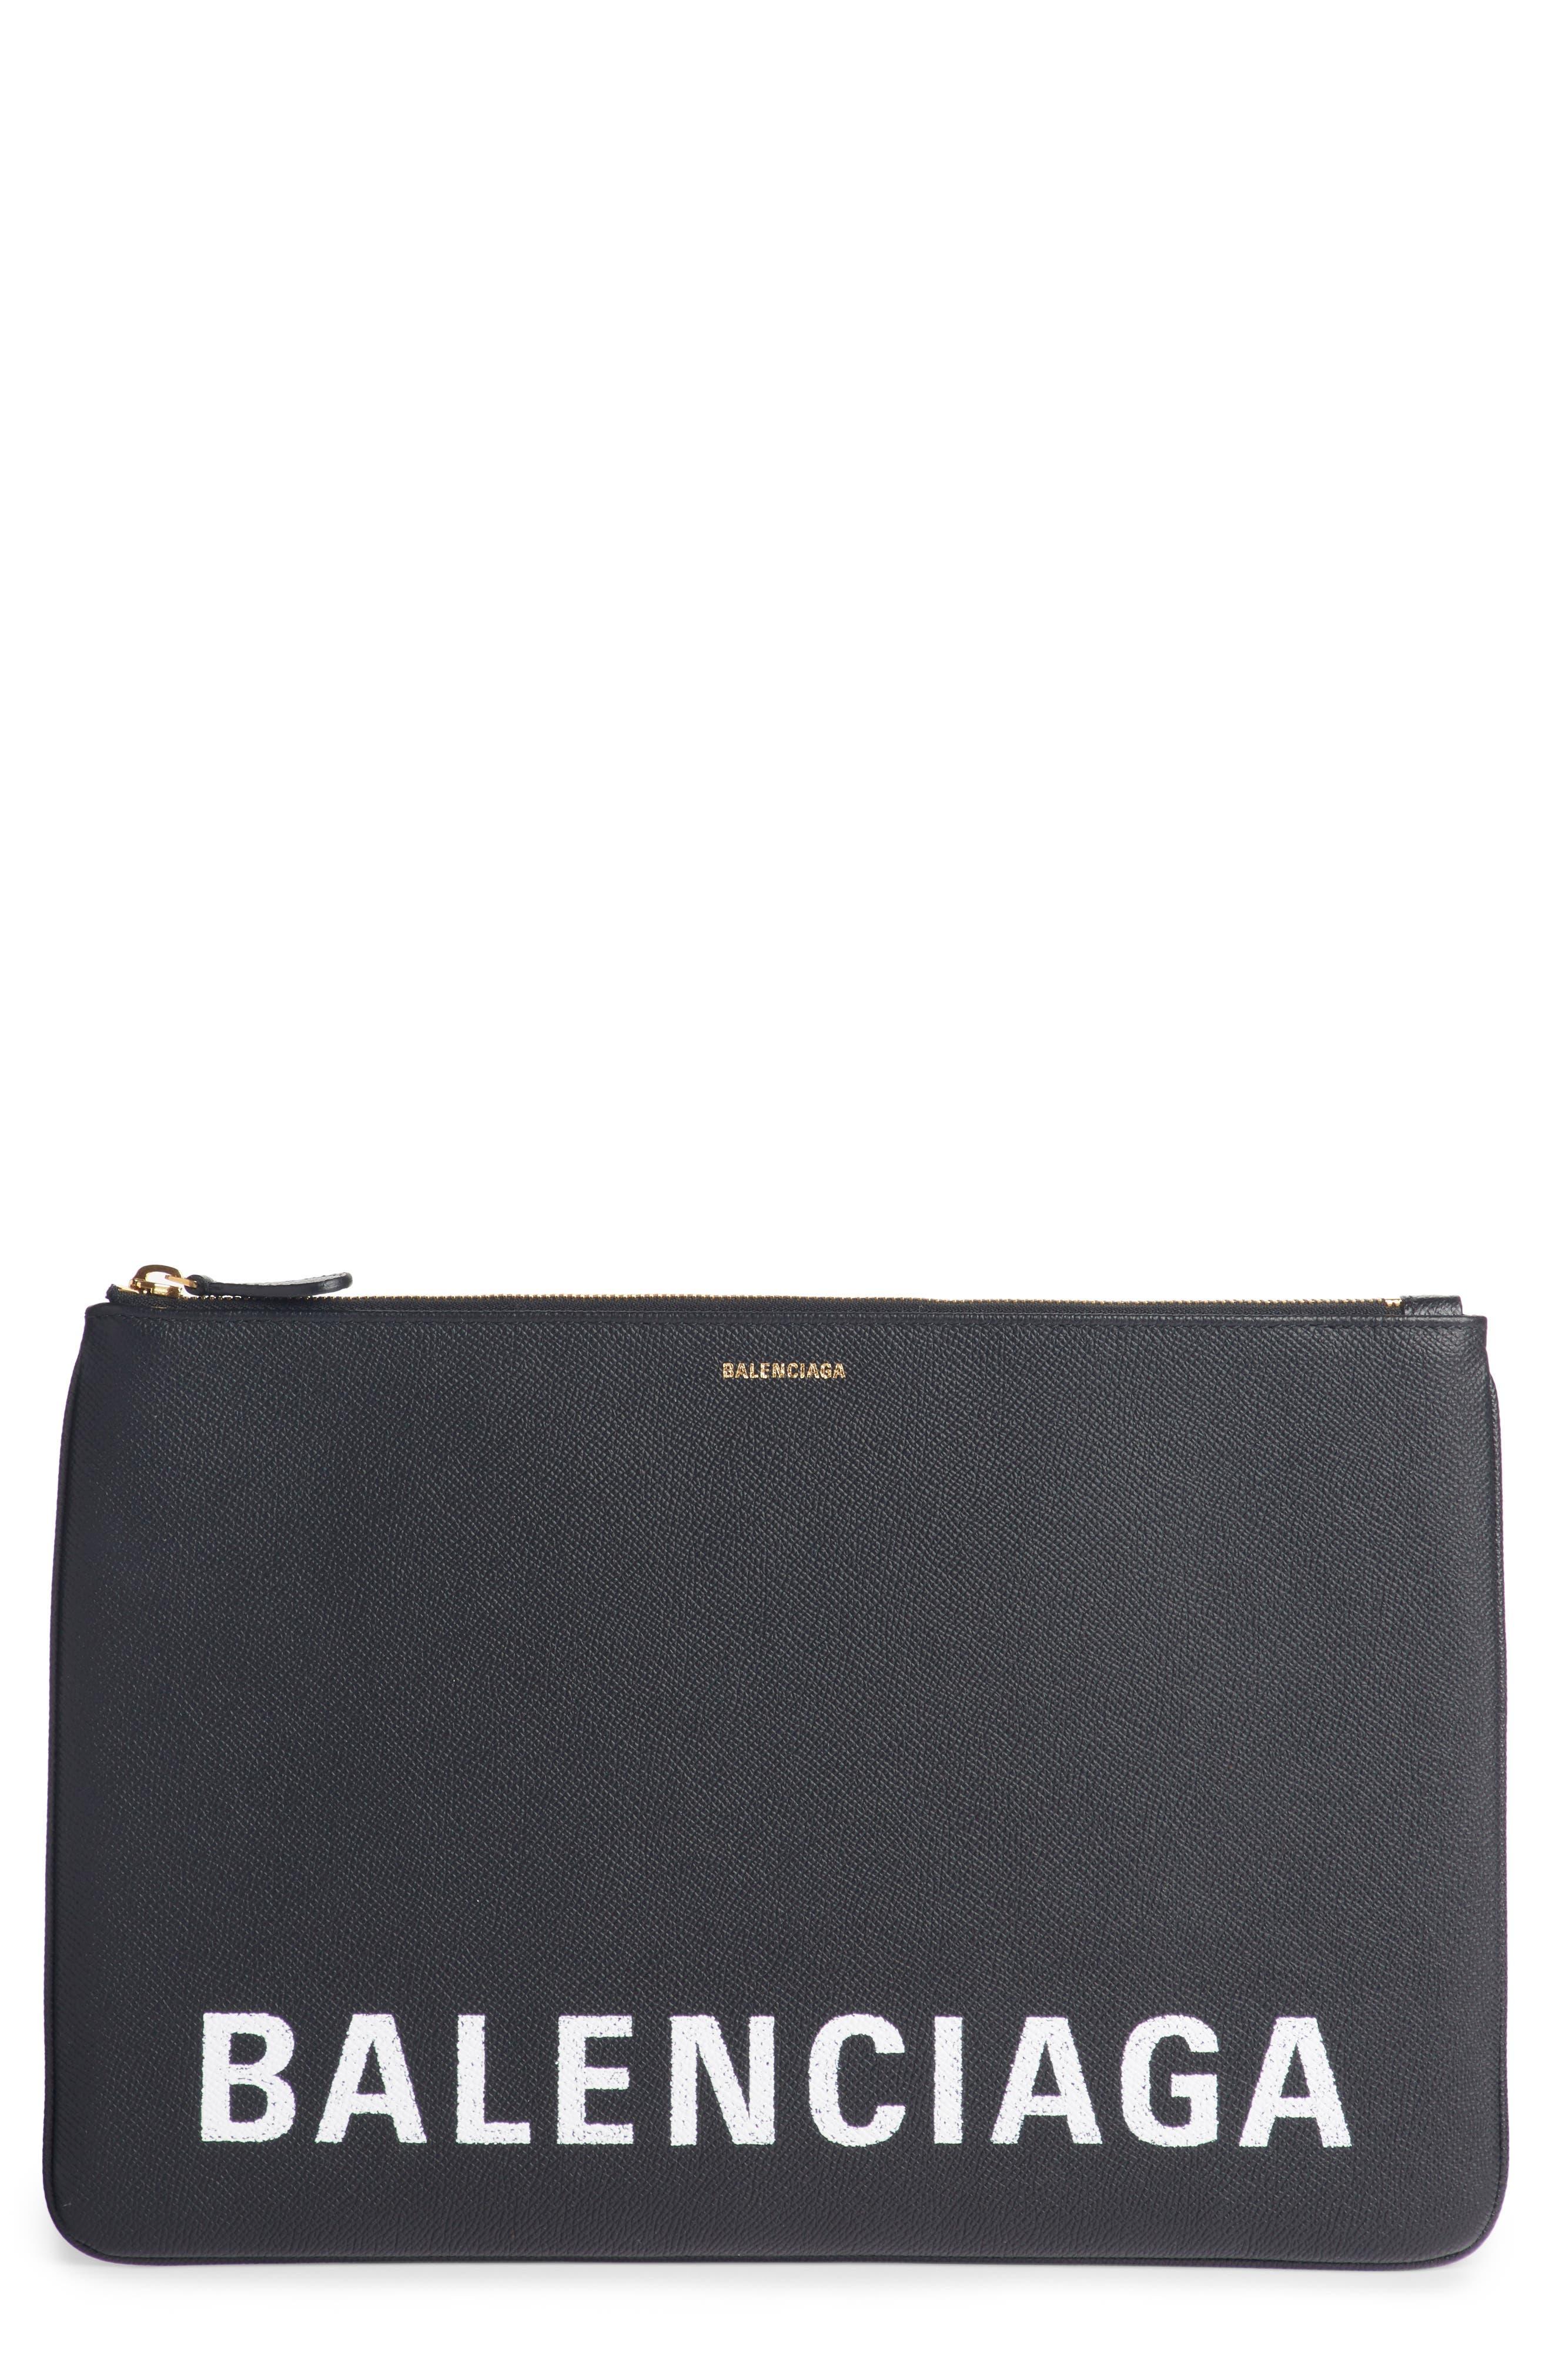 BALENCIAGA,                             Ville Logo Calfskin Leather Pouch,                             Main thumbnail 1, color,                             NOIR/ BLANC